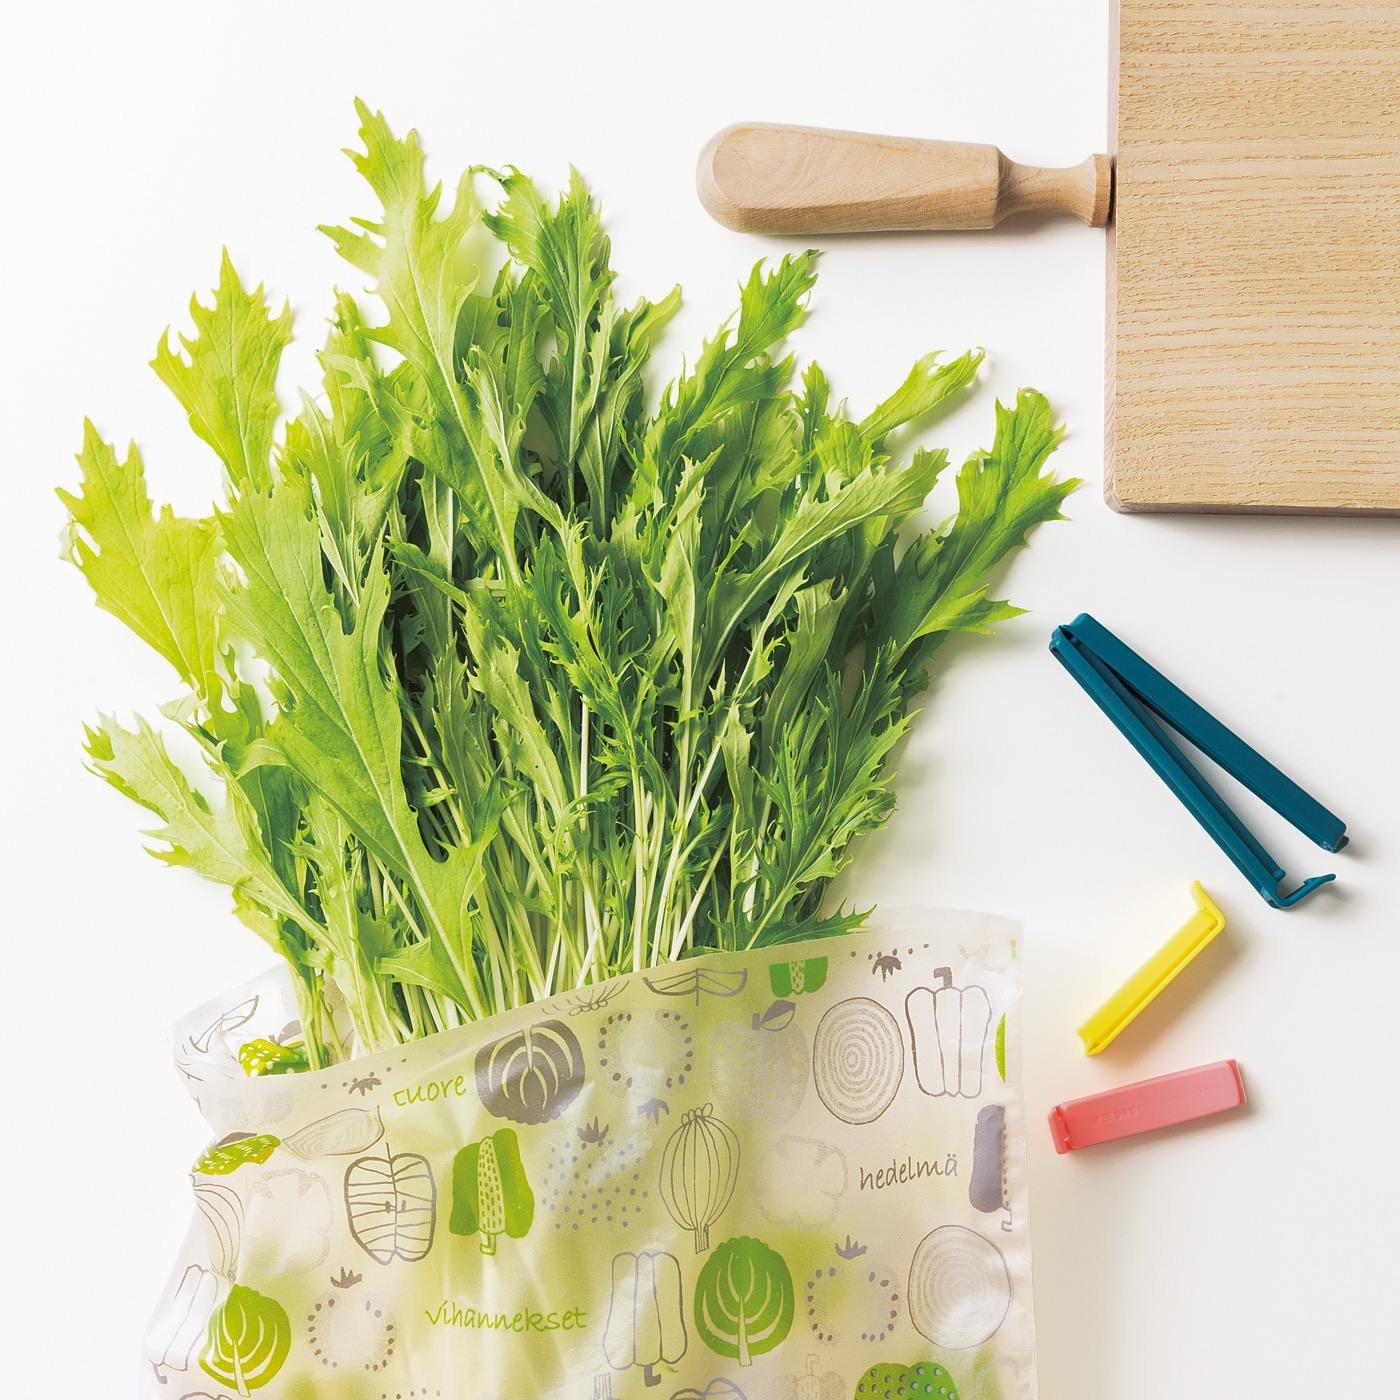 大きな野菜もまるっと保存 米ぬかからできた底まち付き抗菌・鮮度保持バッグ